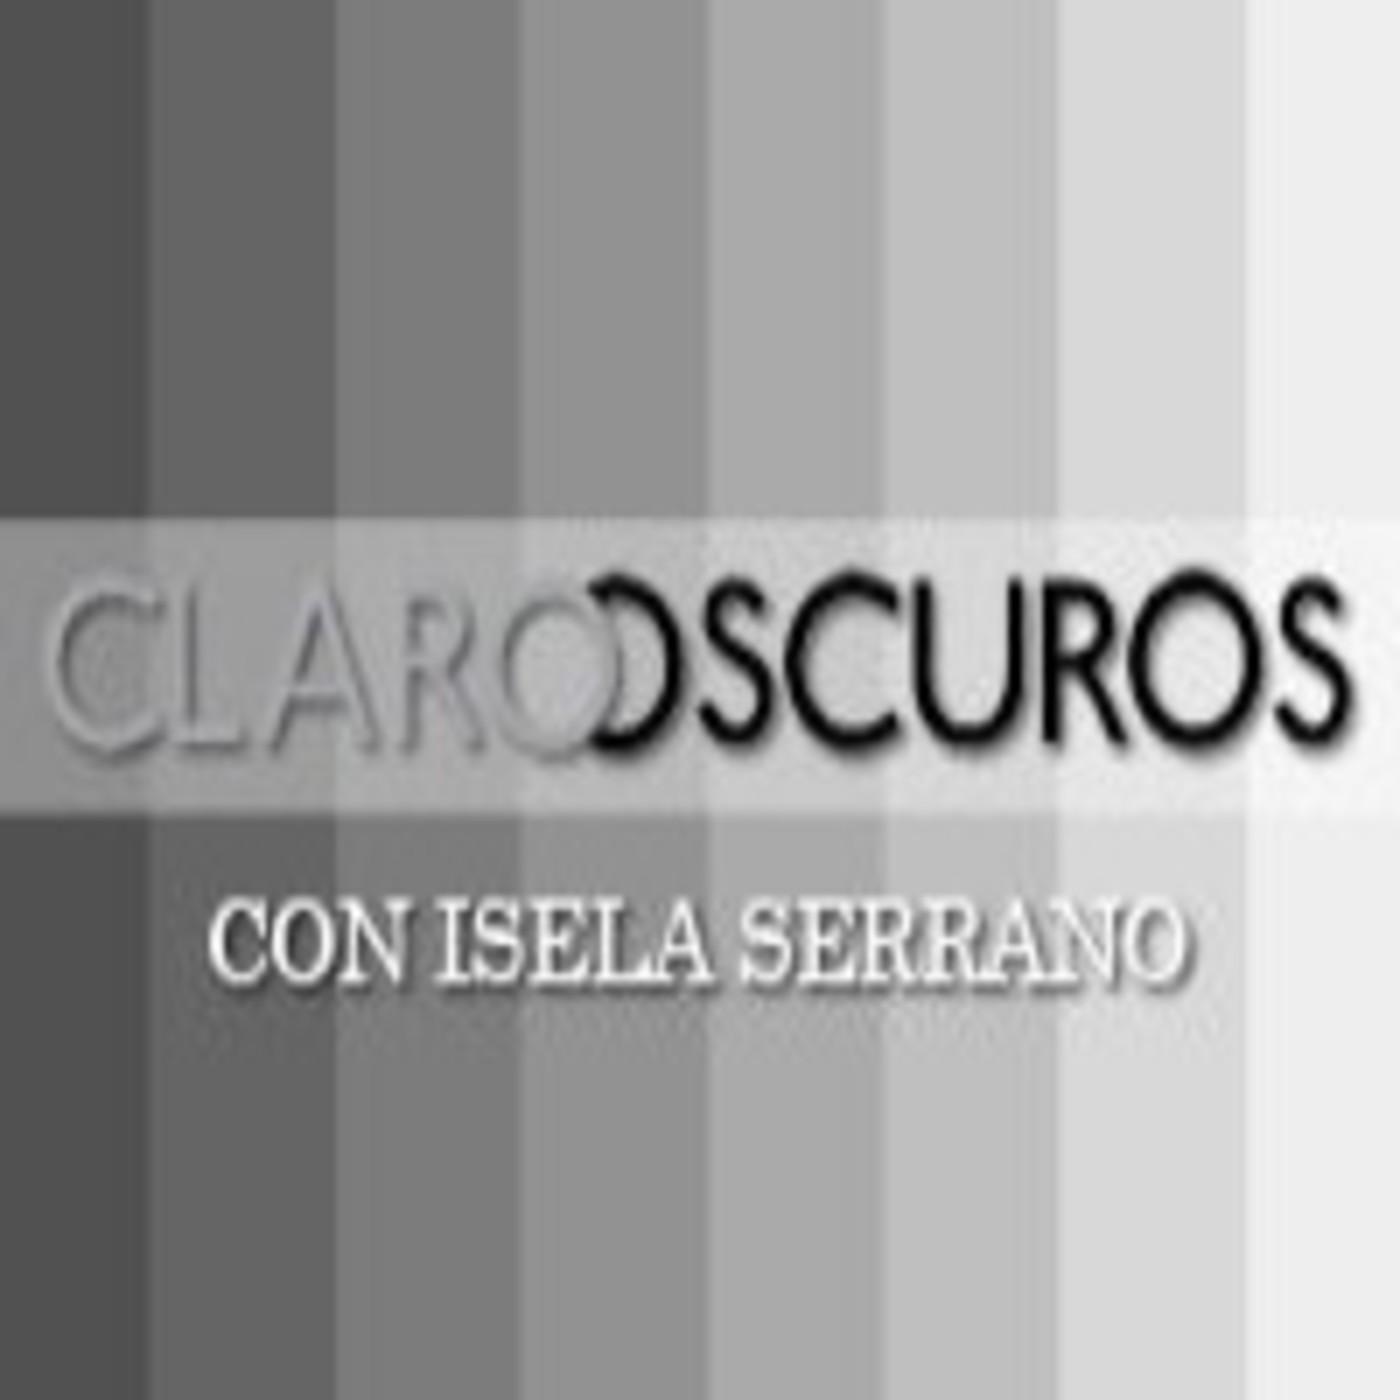 Claroscuros 95 - 300614